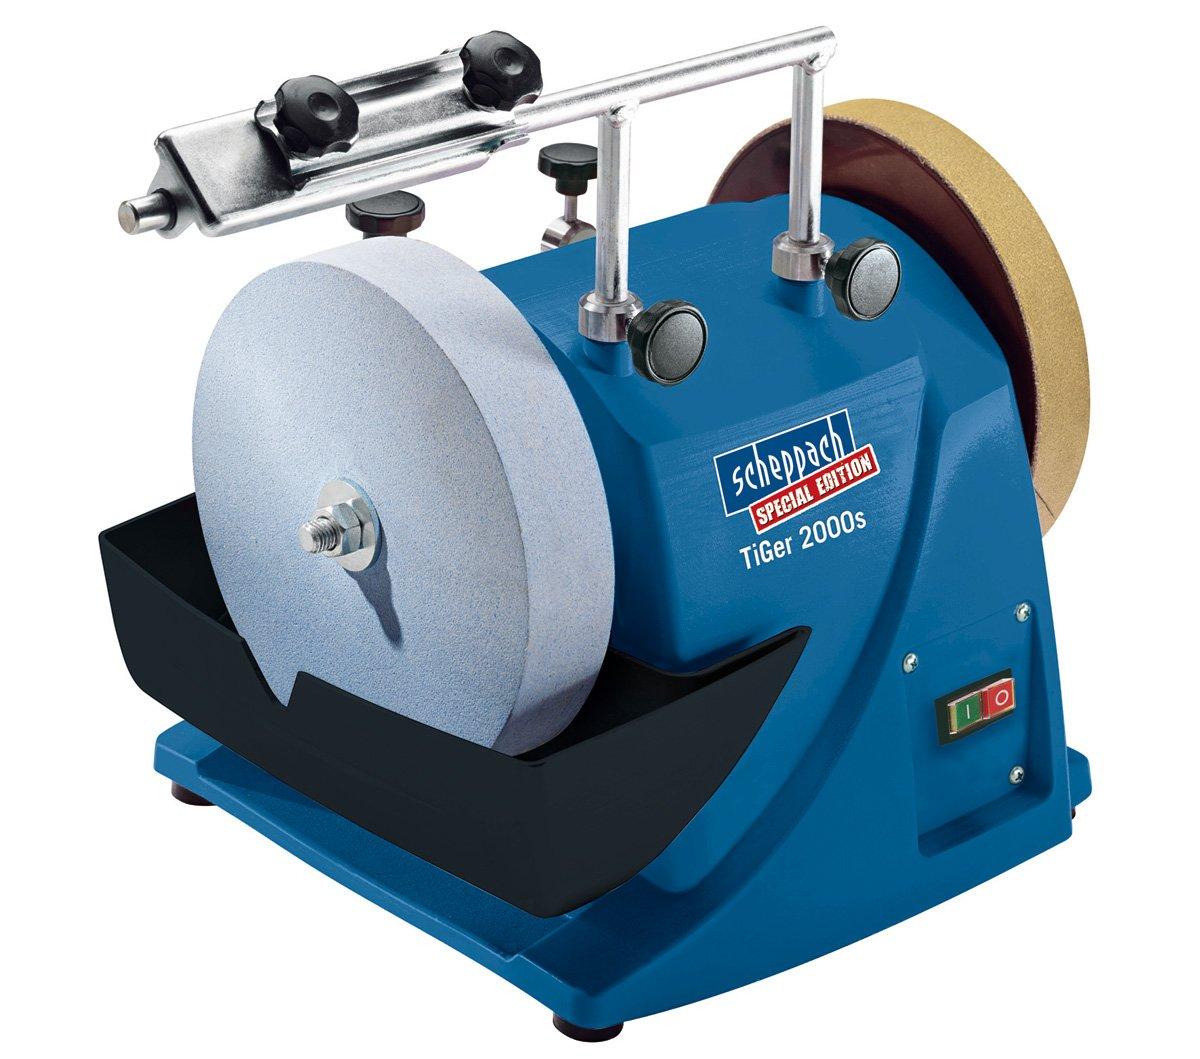 Schleifmaschine TiGer 2000s Nass Schleifer 200mm  Kundenbewertung und Beschreibung